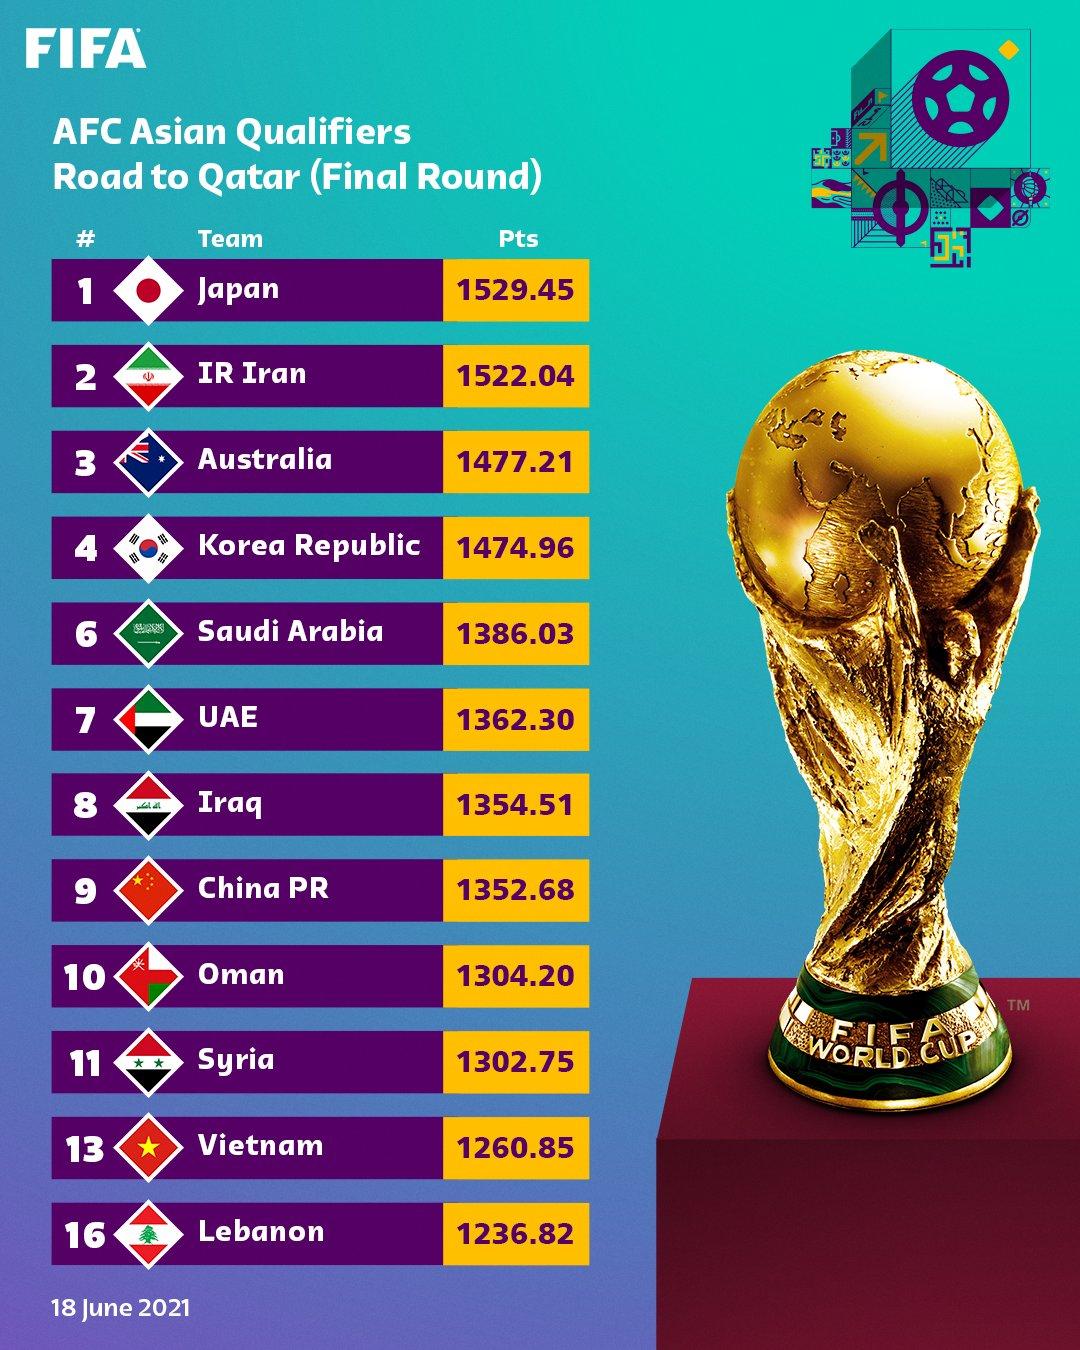 Đội tuyển Việt Nam bỏ xa Thái Lan 30 bậc trên bảng xếp hạng FIFA sau vòng loại World Cup 2022 - Ảnh 1.